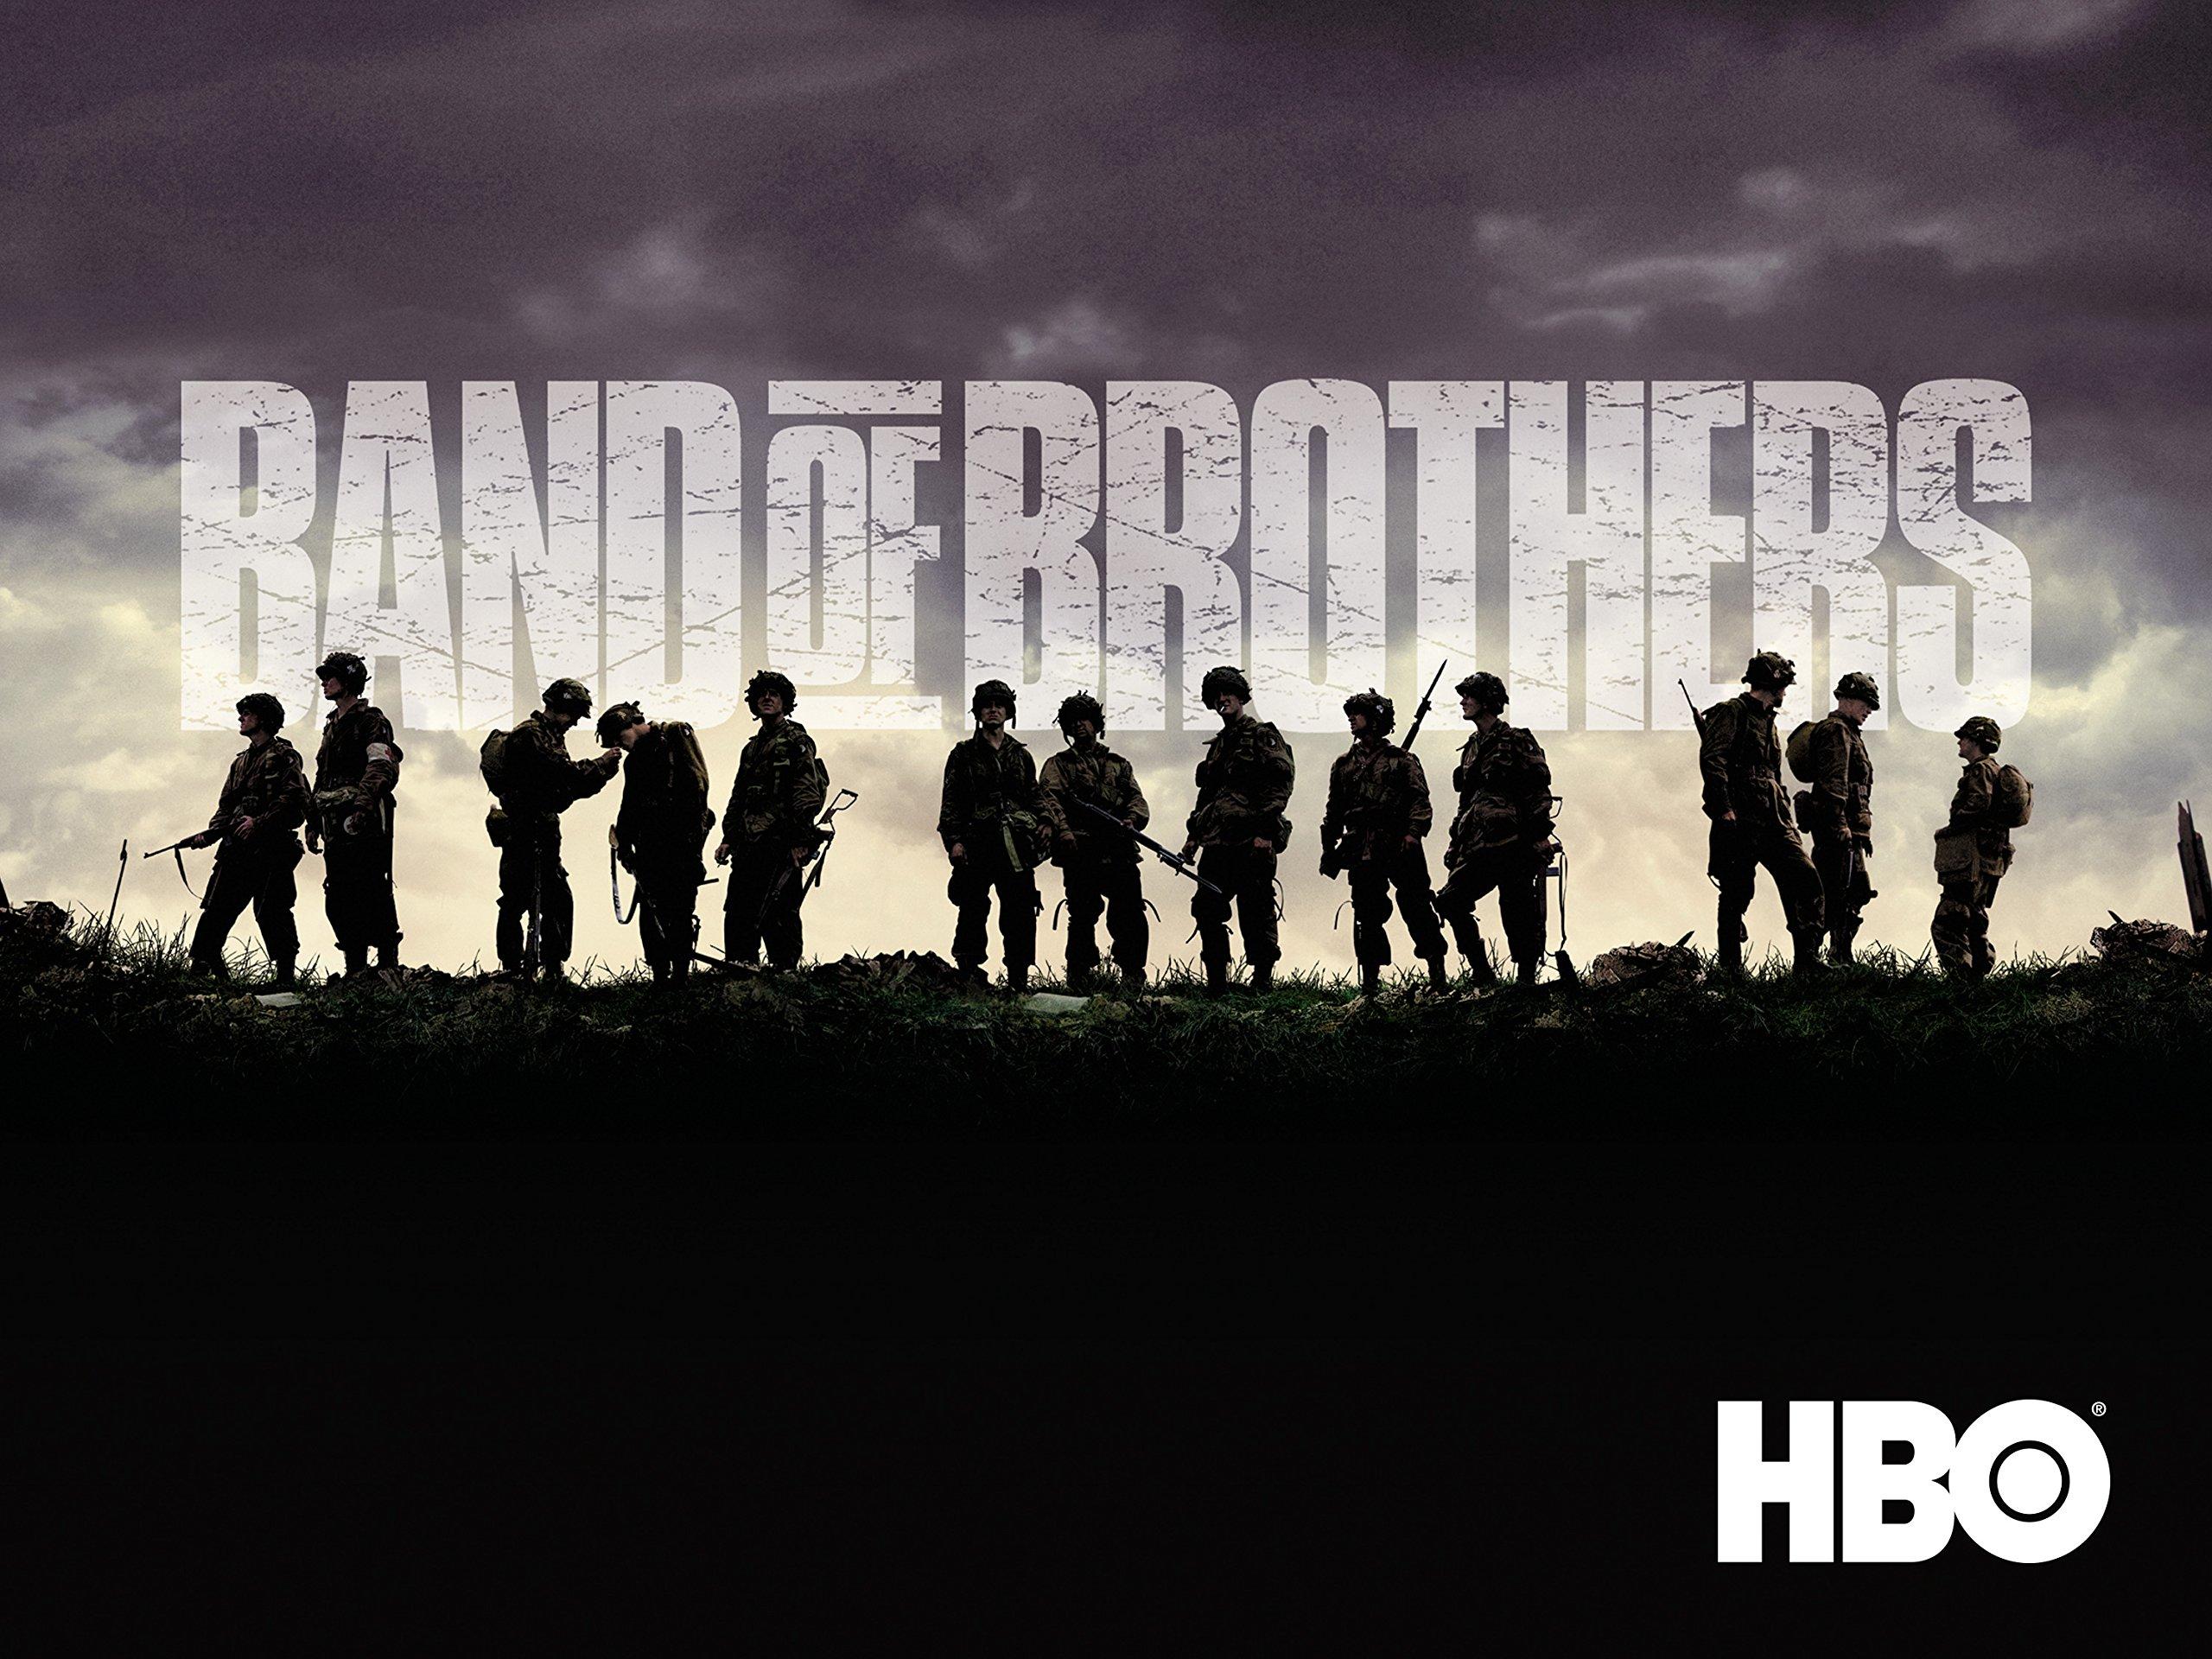 《諾曼第大空降》(Band of Brothers)